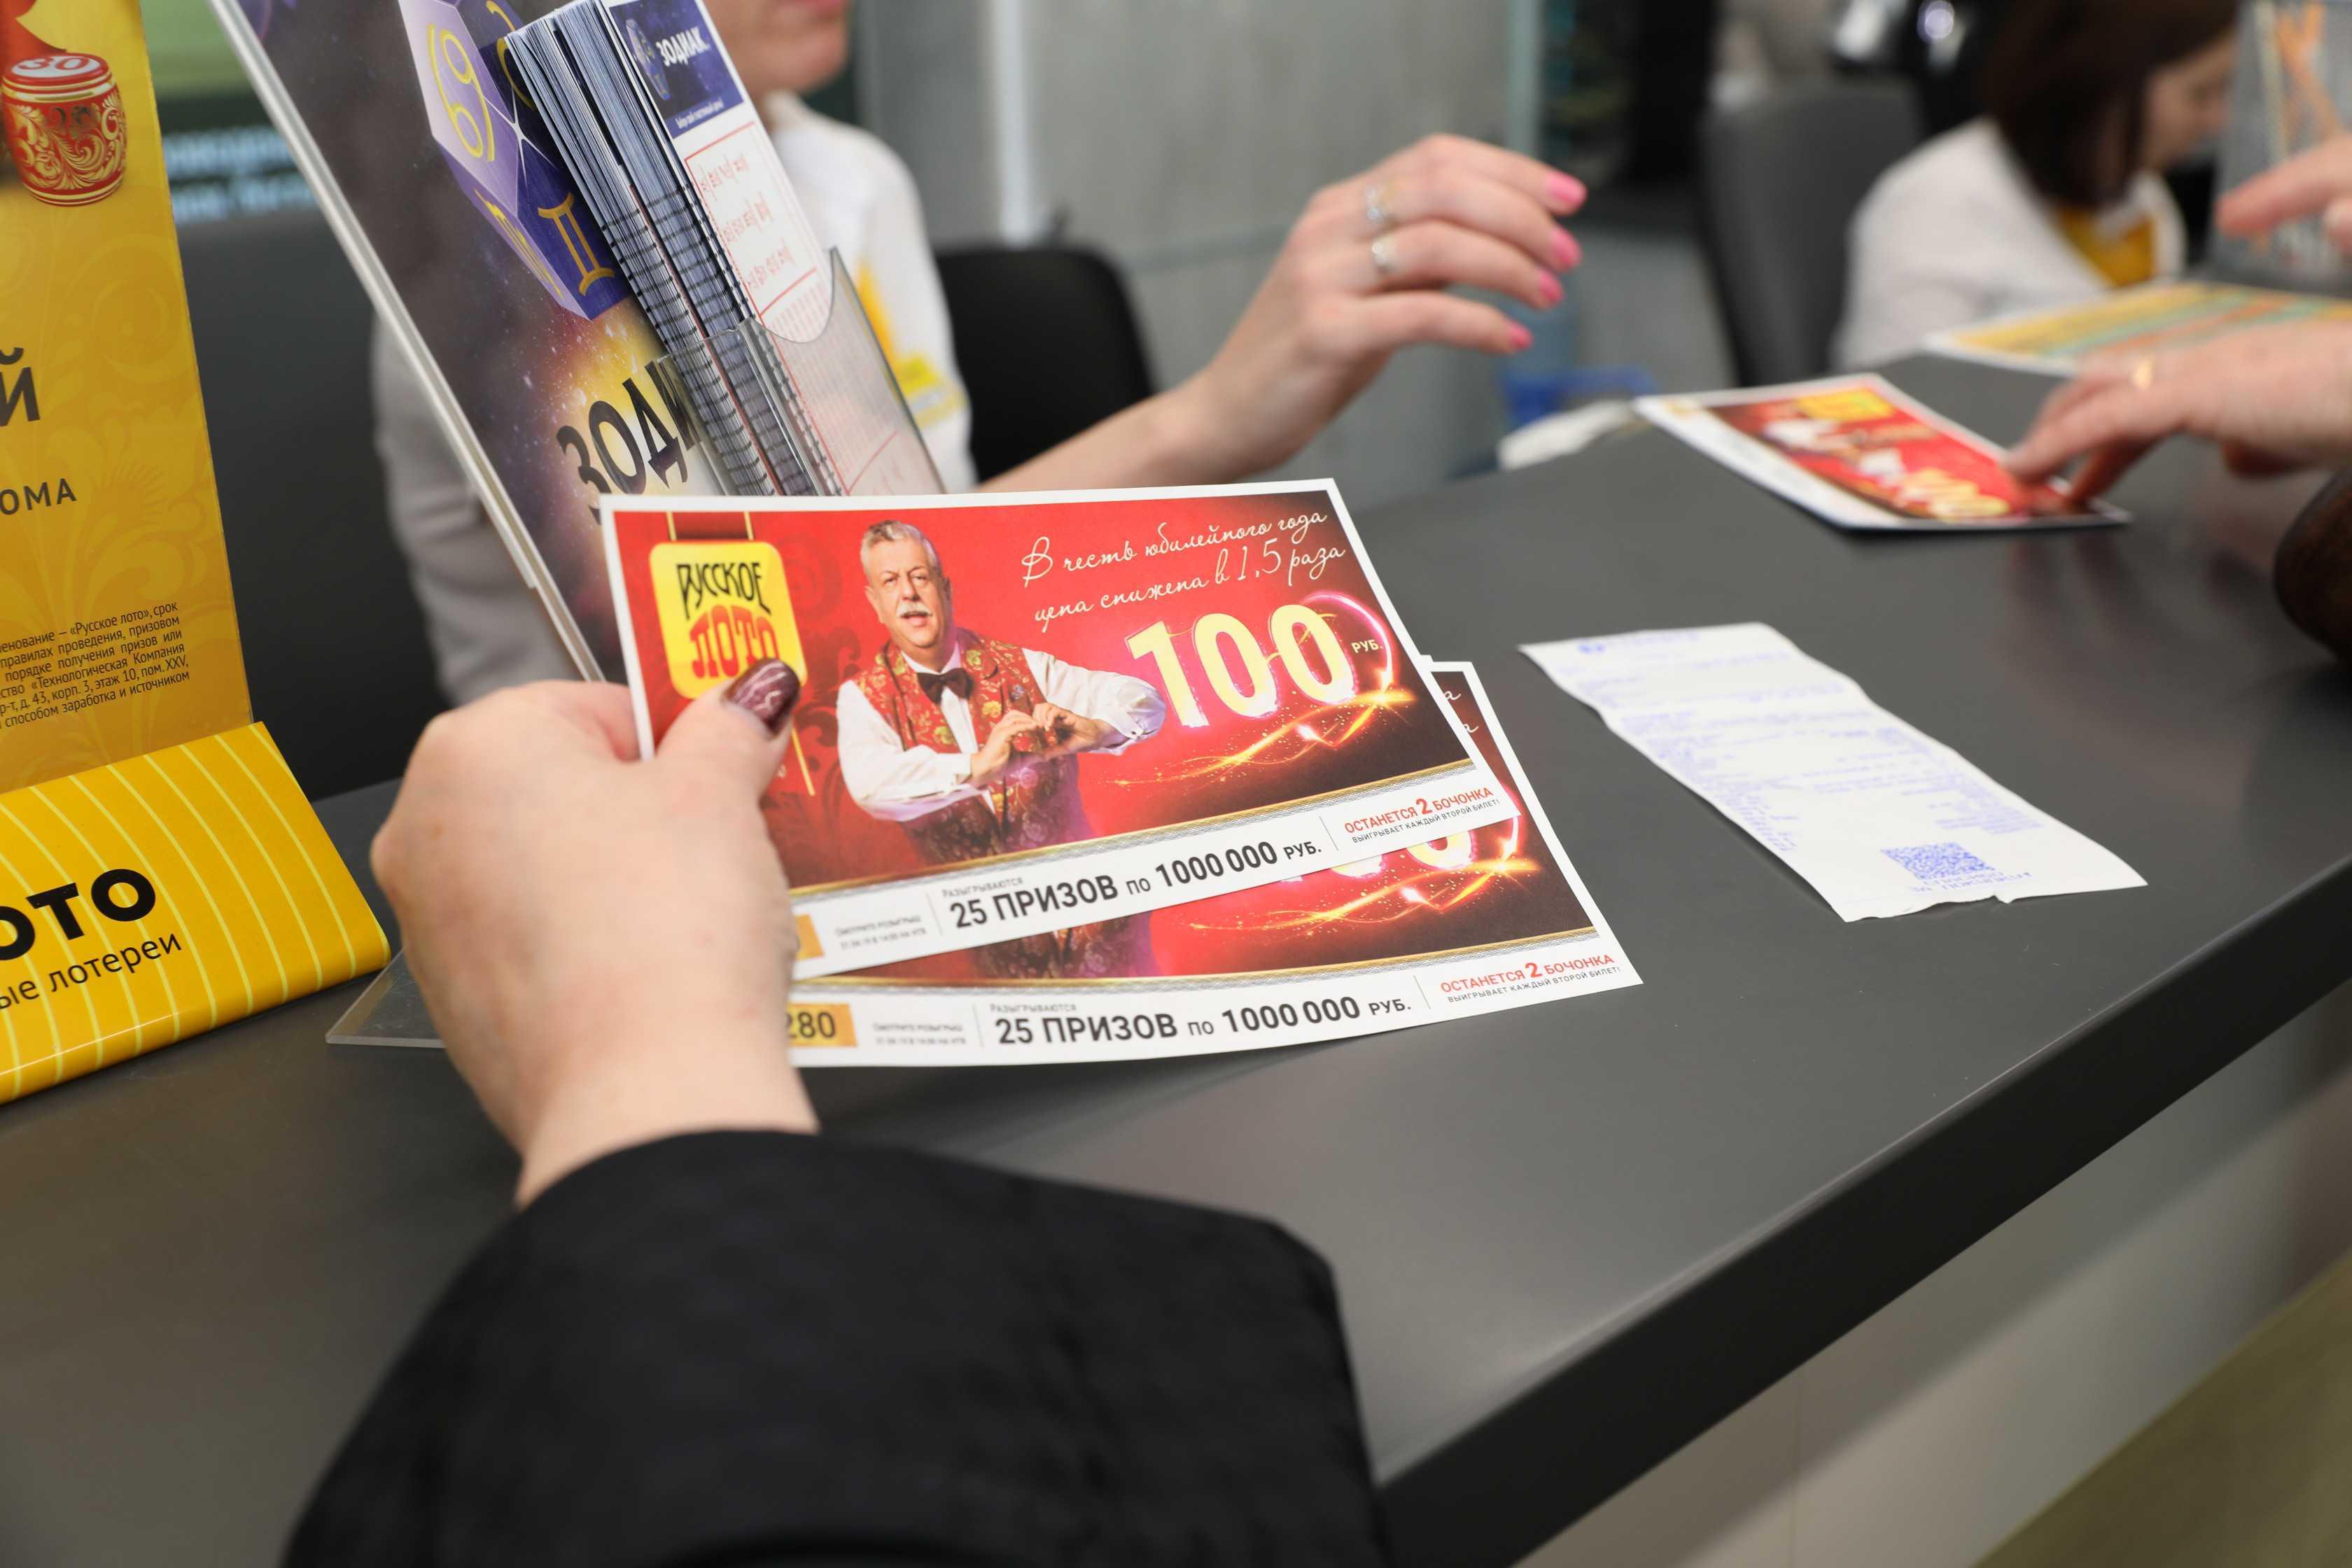 Быстрая регистрация билета «столото»